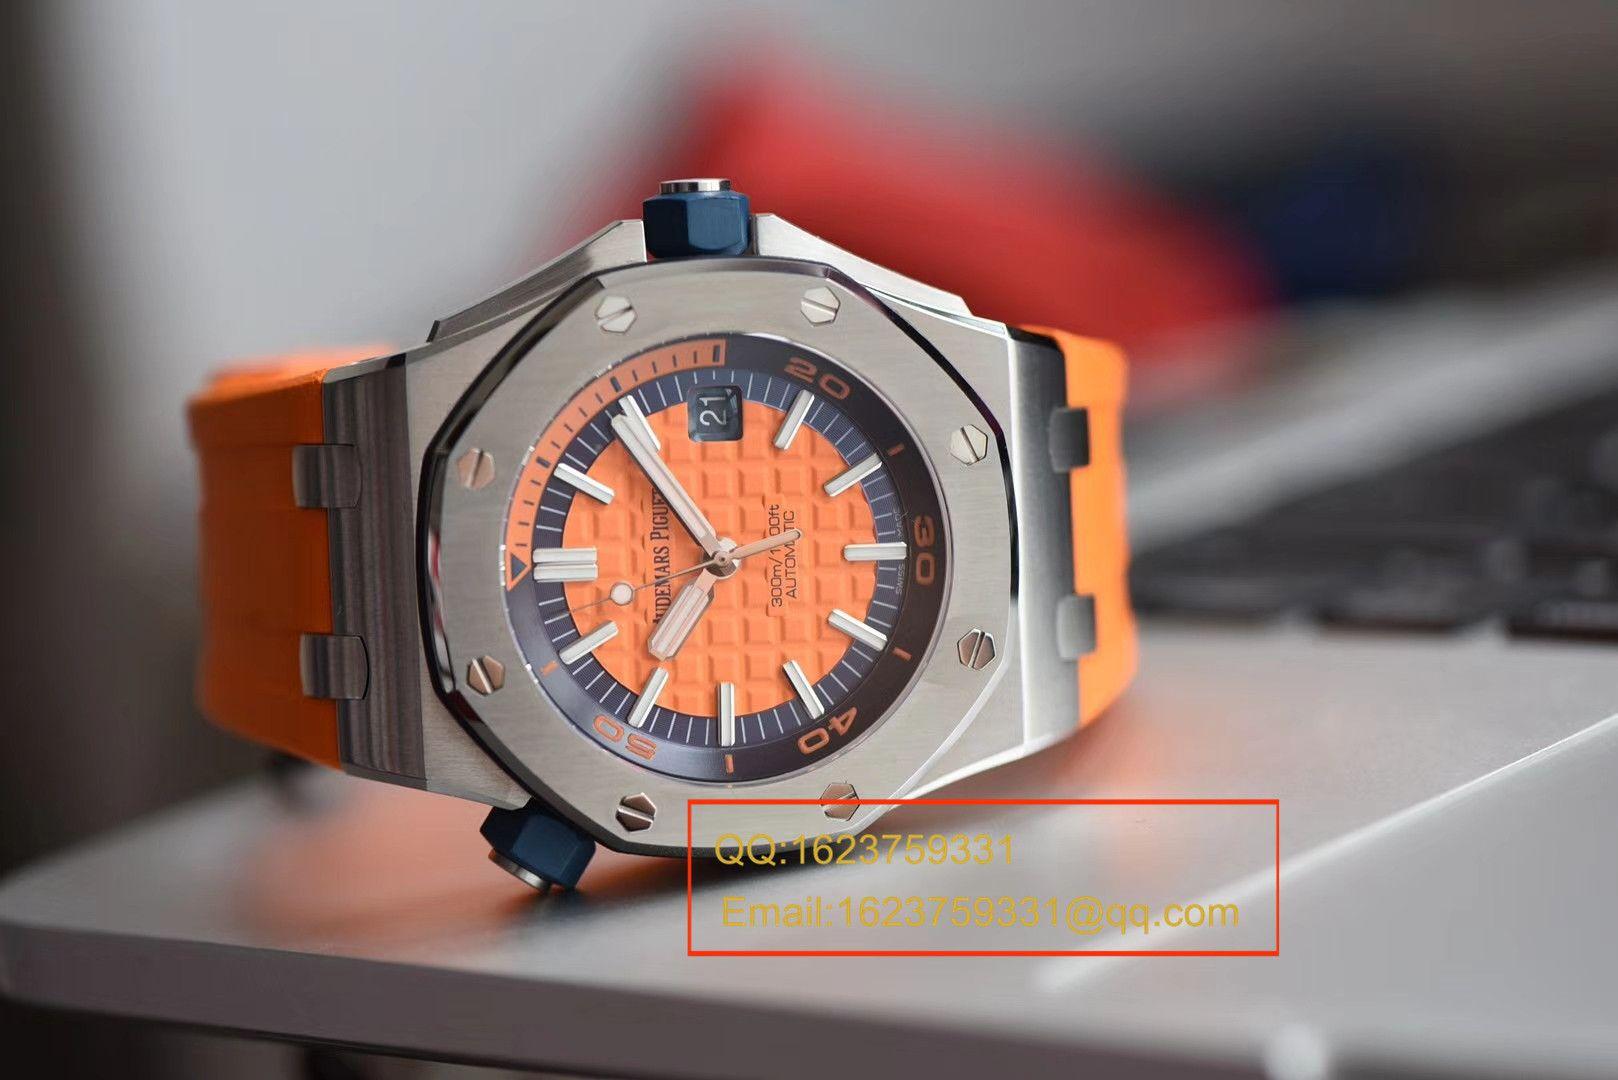 【视频评测JF一比一复刻手表】爱彼皇家橡树离岸型系列15710ST.OO.A070CA.01腕表 / APBF113B